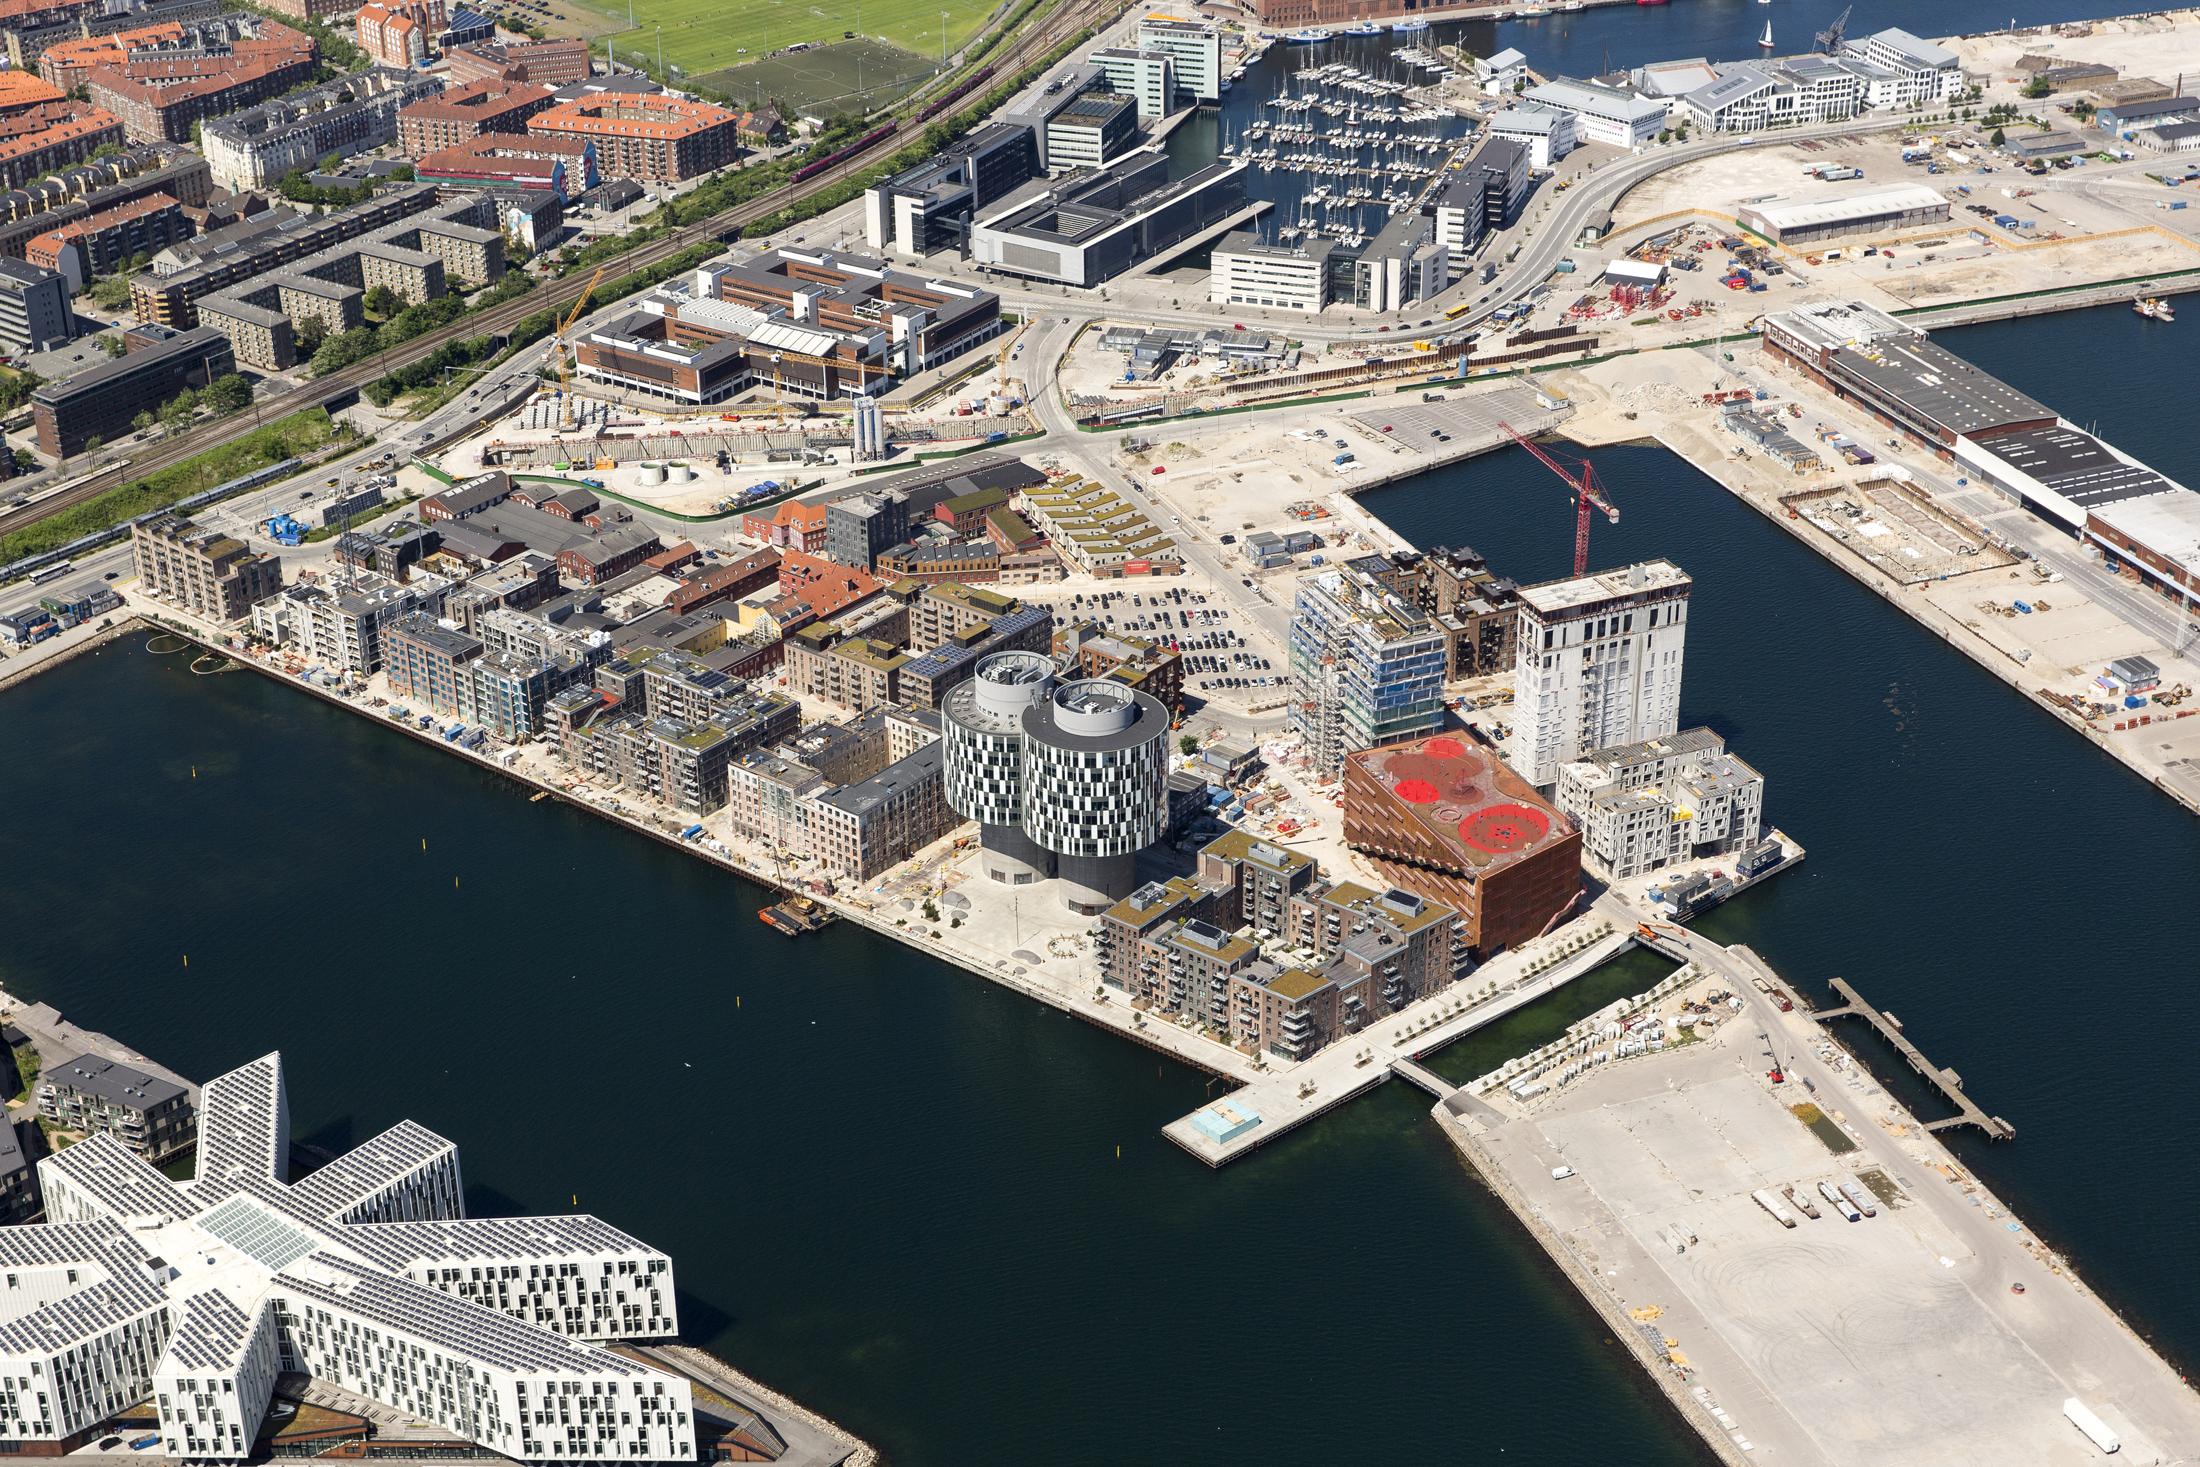 Århusgadekvarteret, der afgrænses af Nordbassinet, Kronløbsbassinet og Kronløbet, realiseres som det første bykvarter med plads til ca. 3.000 beboere og 7.000 arbejdspladser. Planlægningen af Århusgadekvarteret startede i 2009 med gennemførelse af en international konkurrence. Vinderprojektet er siden da videreudviklet i form af udviklingsstrategier, bebyggelsesplaner og en række plantemaer, der vil være styrende for den fortsatte udvikling af Nordhavn. Her er luftfotos fra 2016.